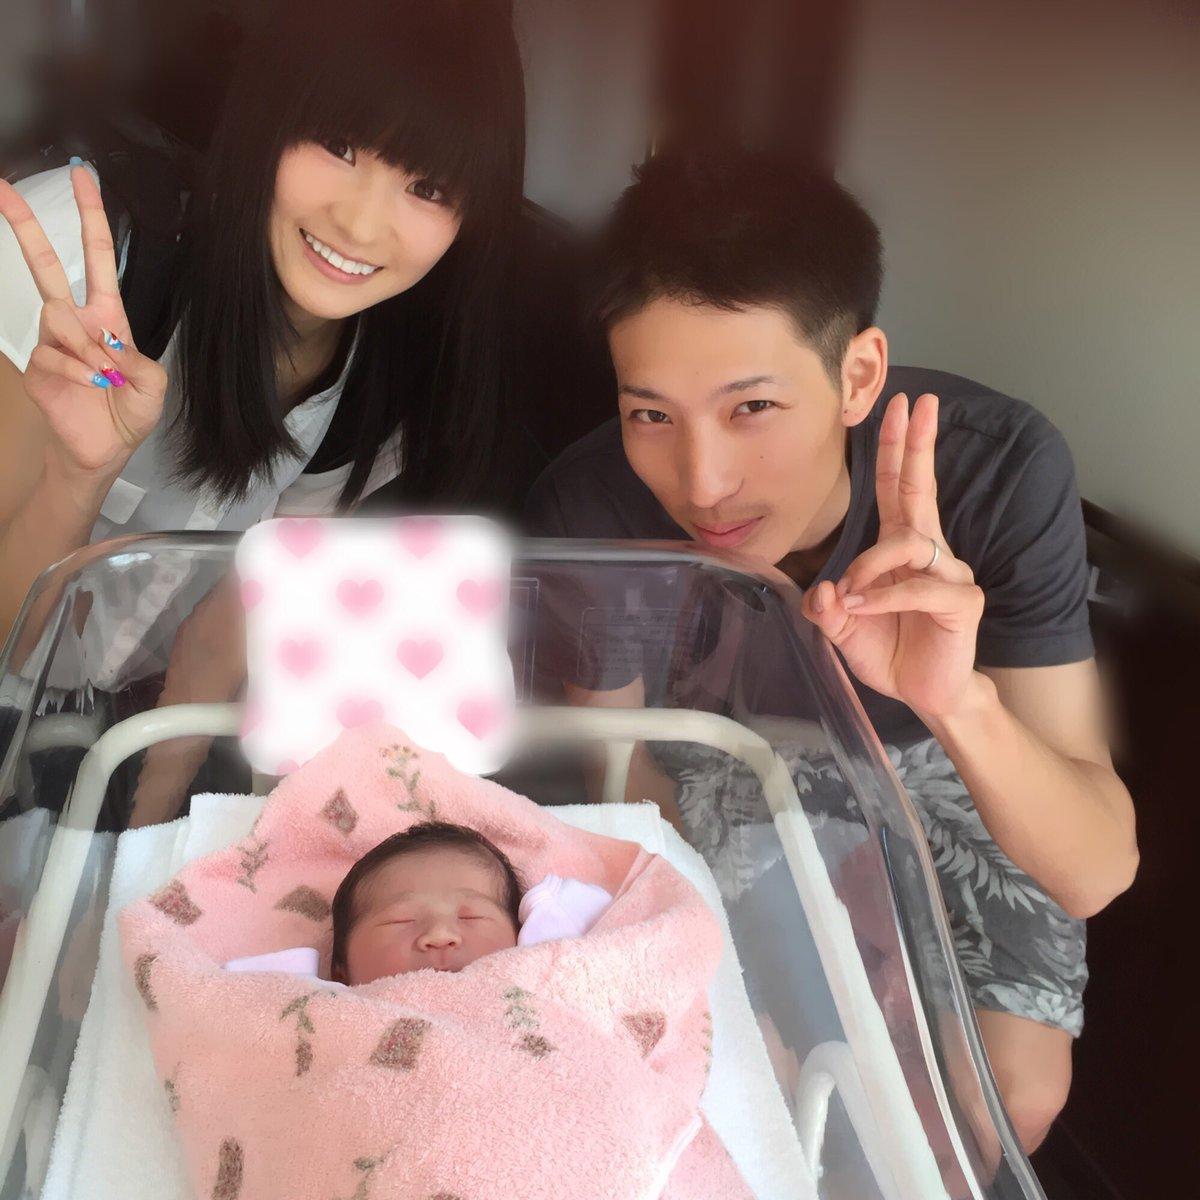 今朝おばさんになりました♡ お昼に東京へ戻る予定だったのでギリギリ顔を見ることができました。 なんだ…